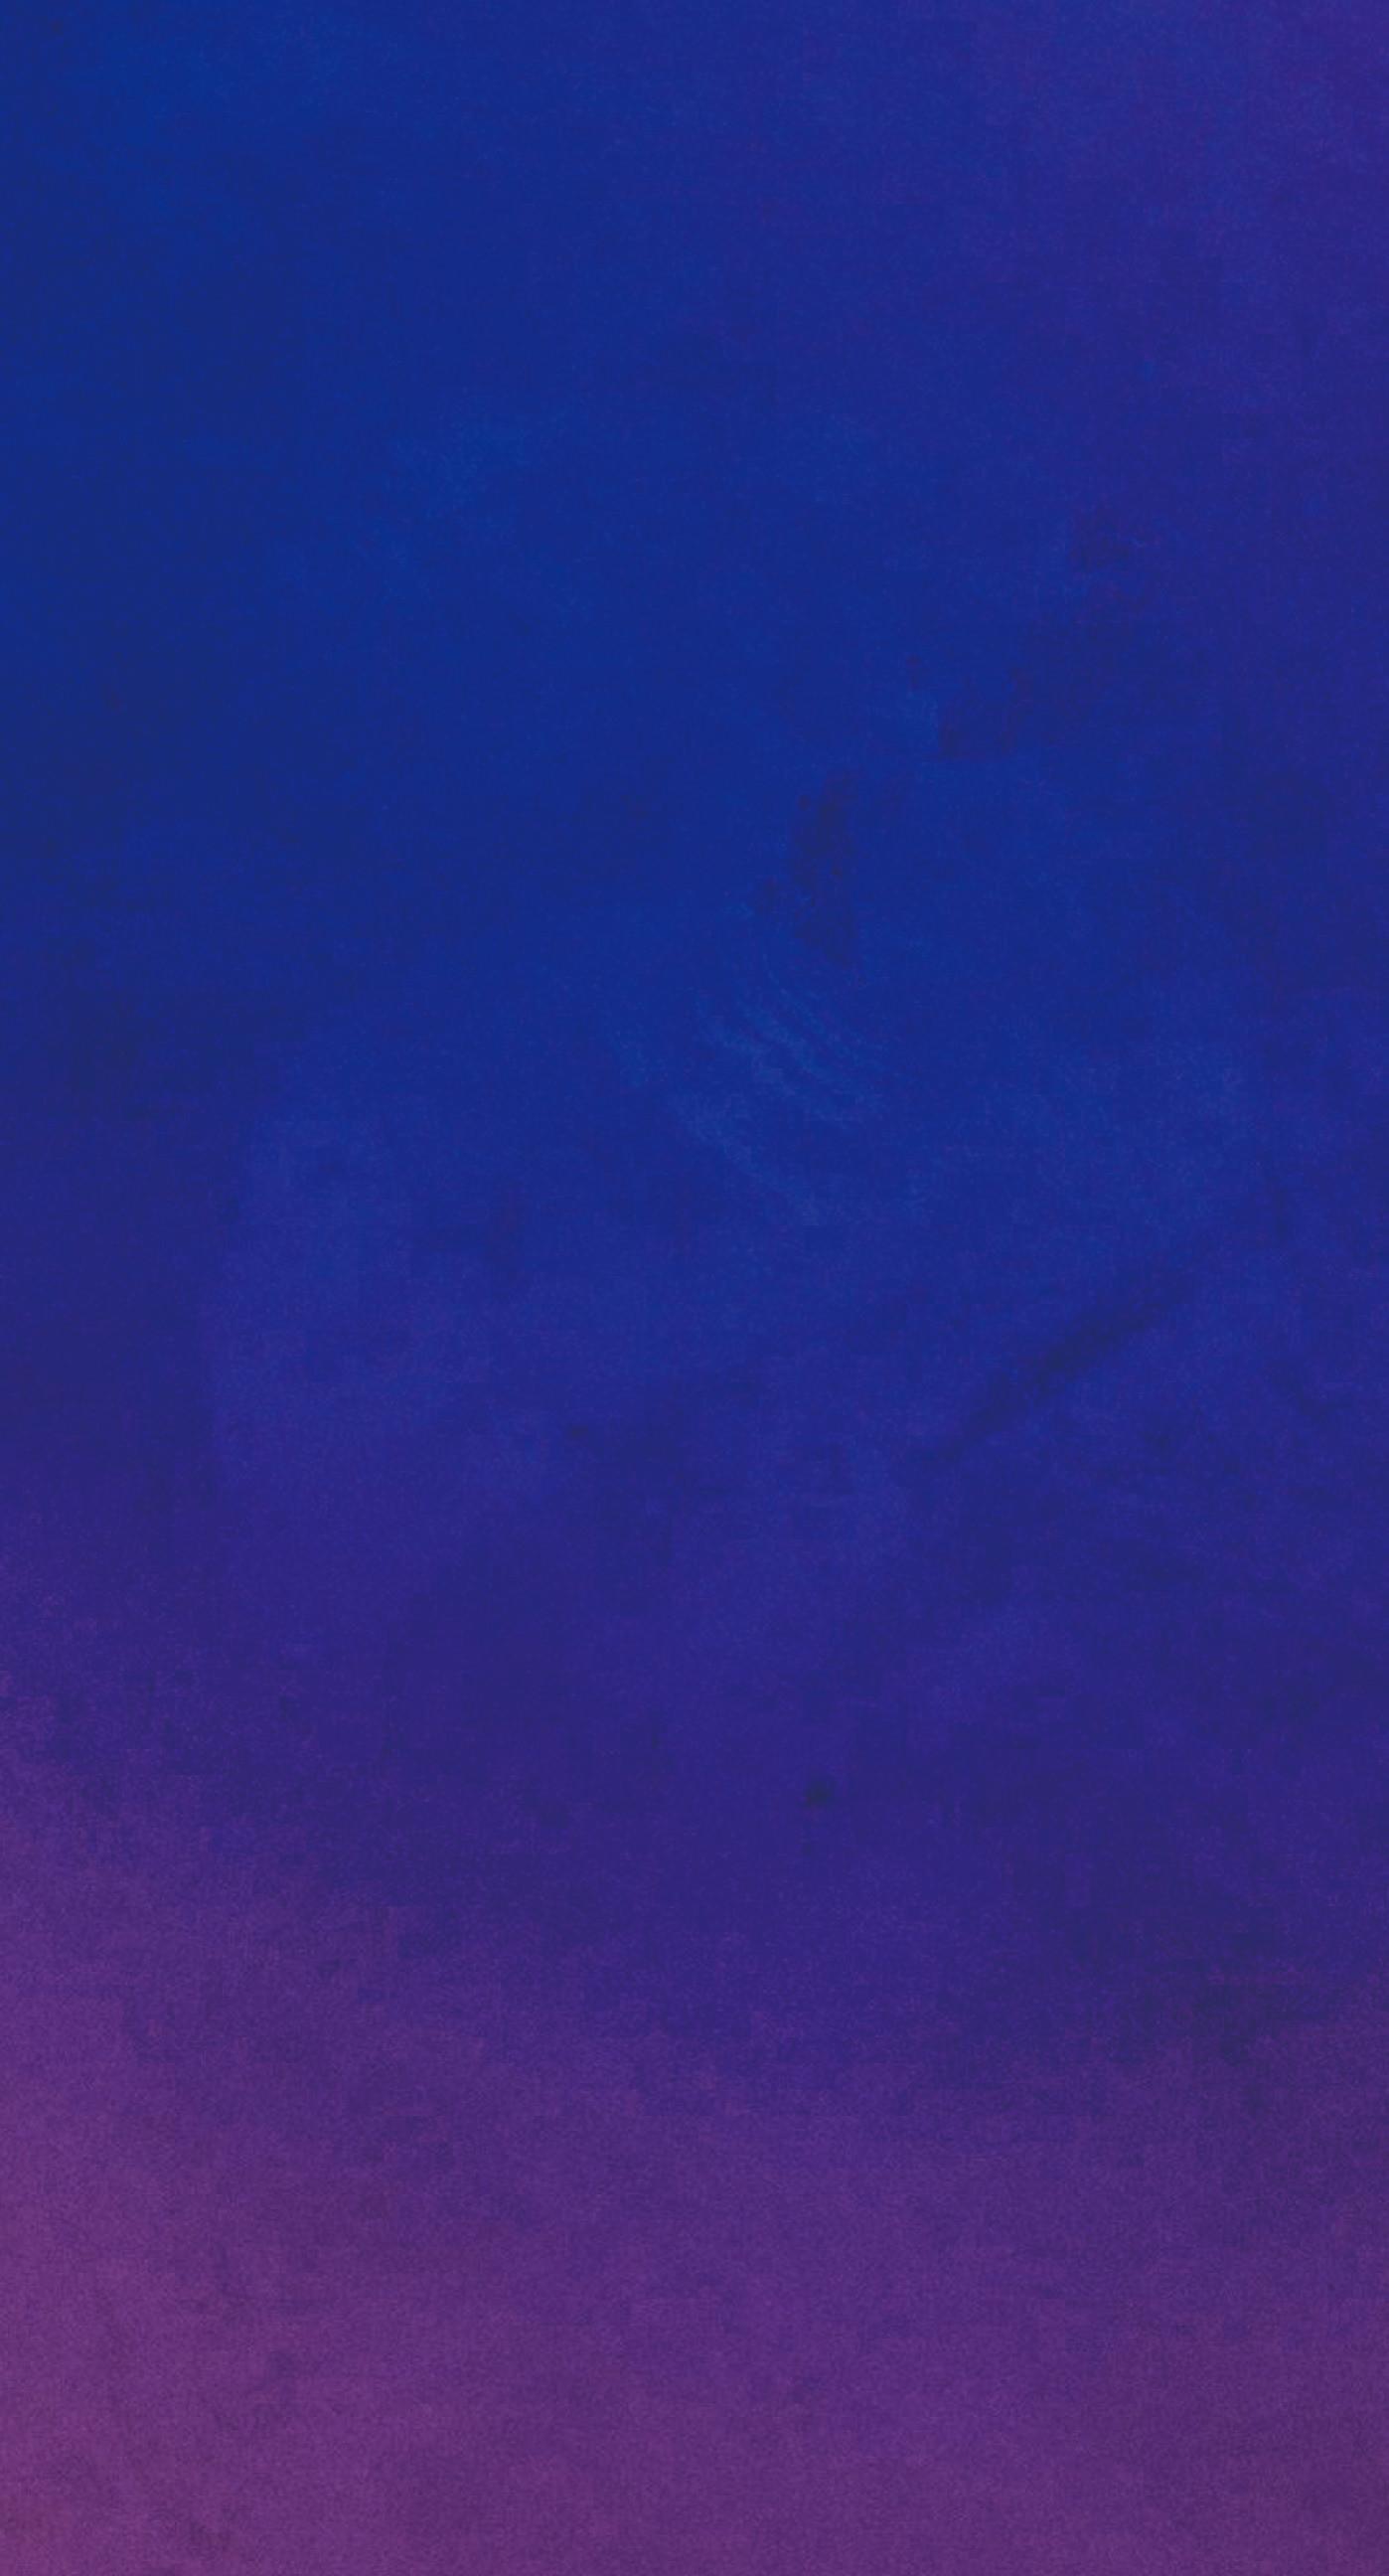 … waste paper blue purple wrinkle wallpaper sc iphone6splus …